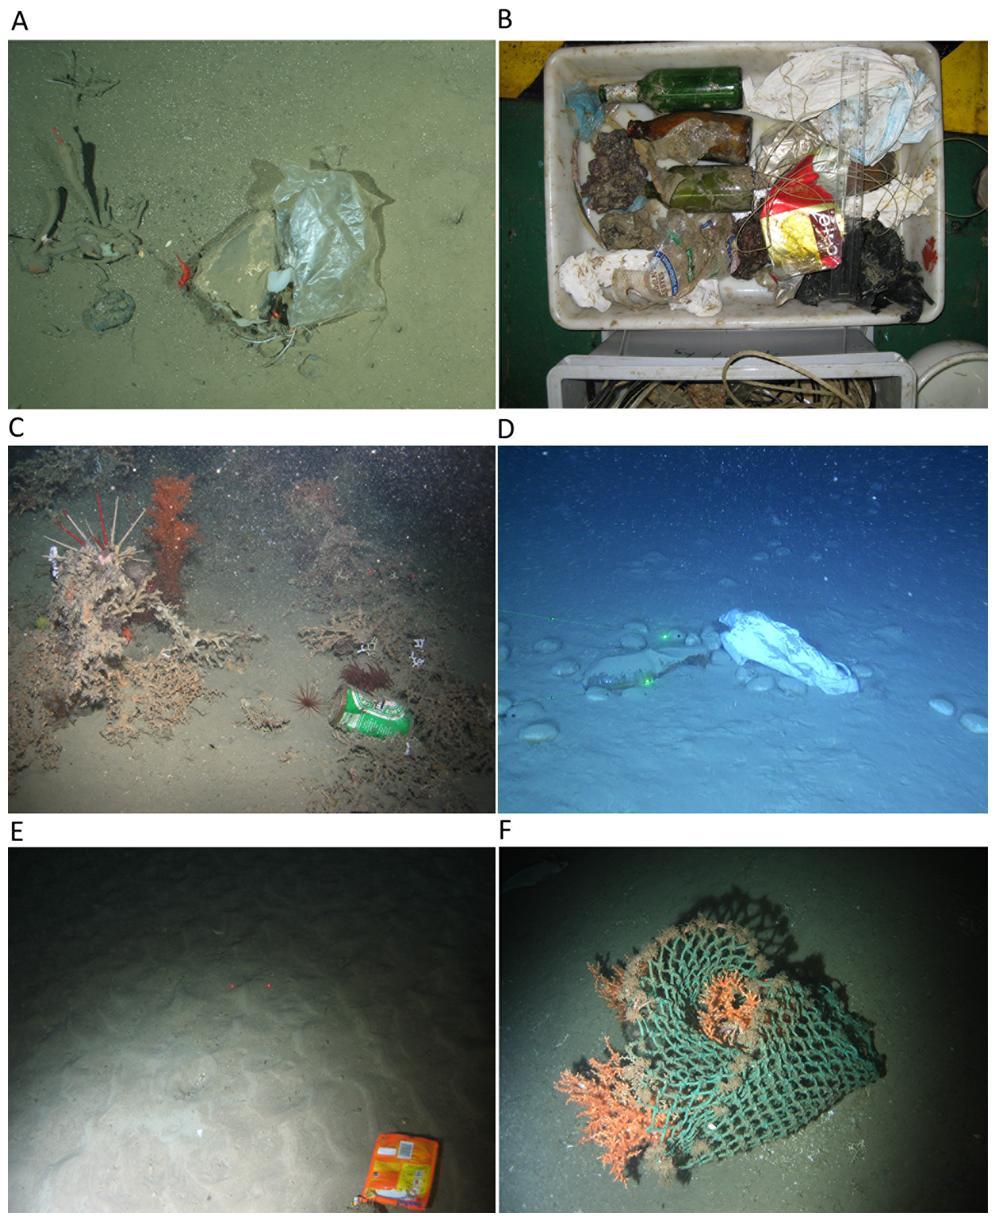 Ozeano nuklearrak: zaborra lehenago iritsi da, gizakia baino